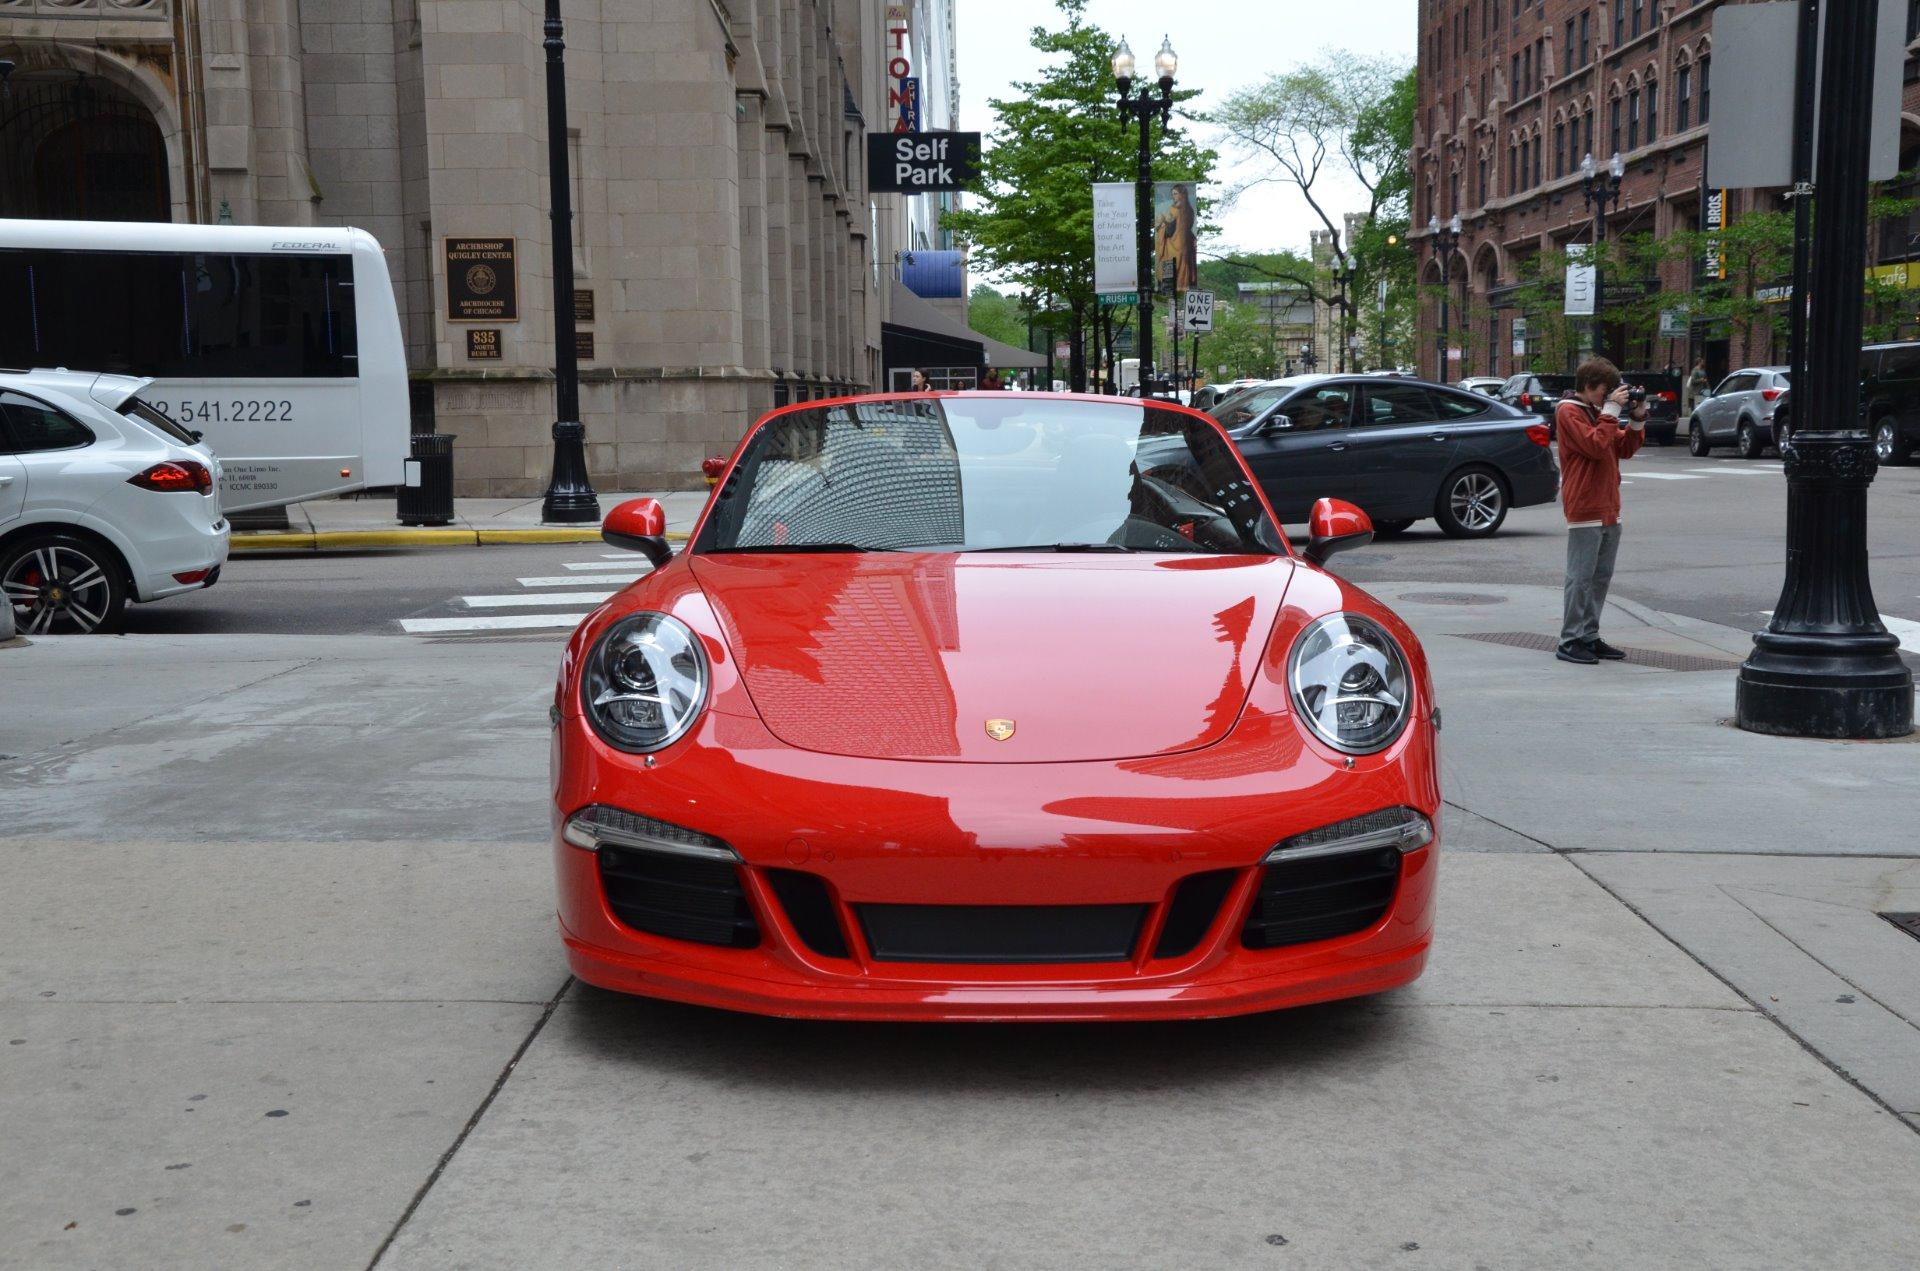 2014 porsche 911 carrera s stock b909a for sale near chicago il il porsche dealer. Black Bedroom Furniture Sets. Home Design Ideas